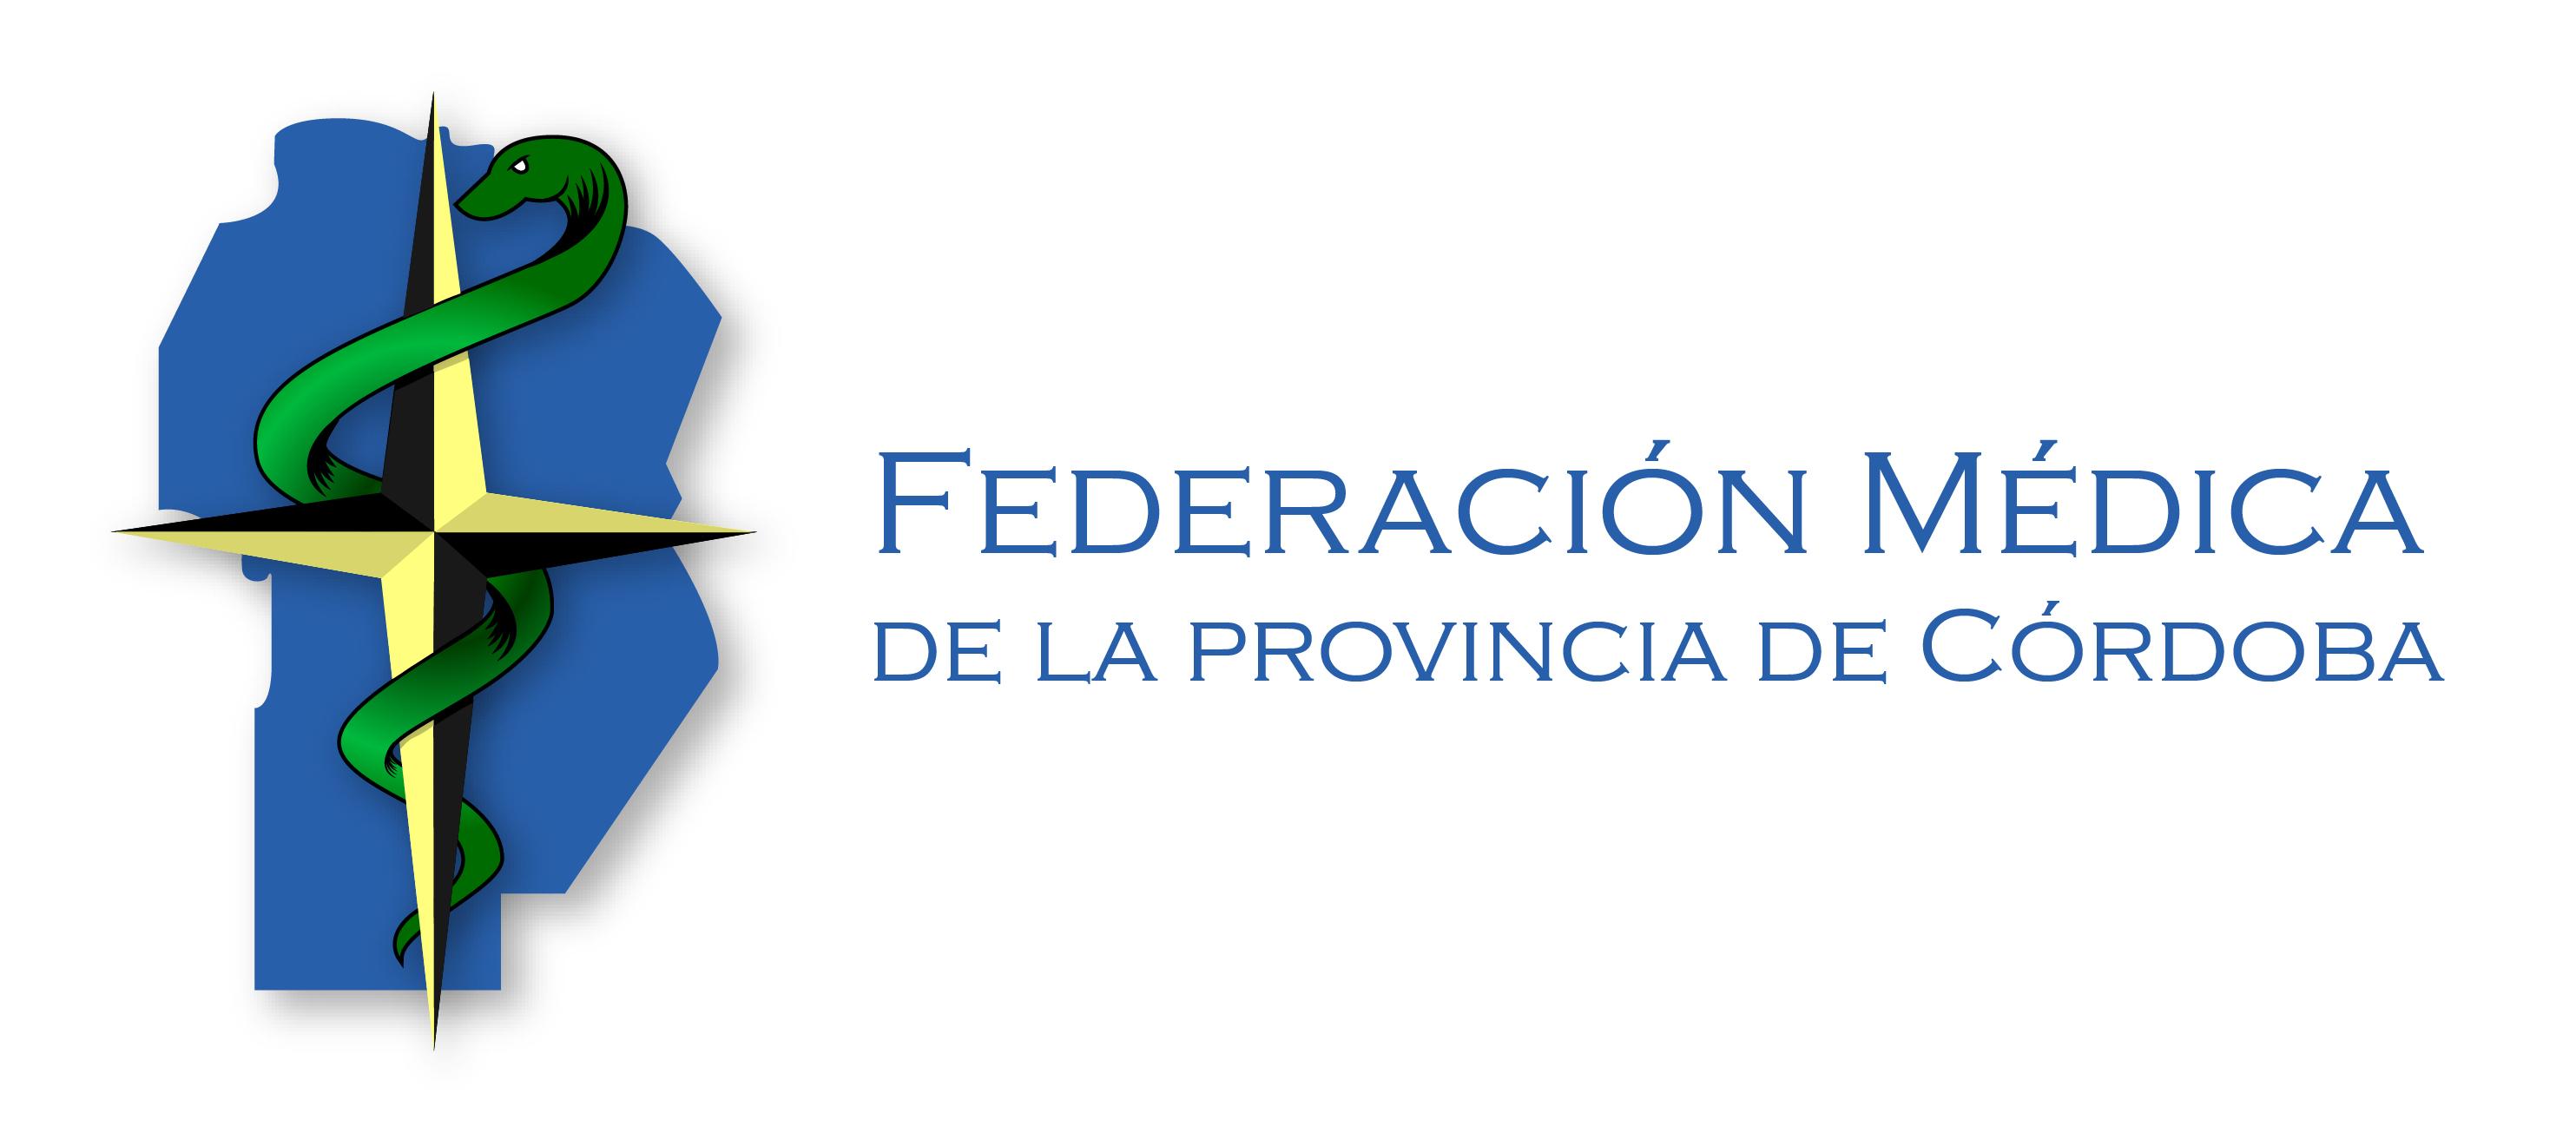 FEDERACIÓN MÉDICA DE LA PROVINCIA DE CÓRDOBA